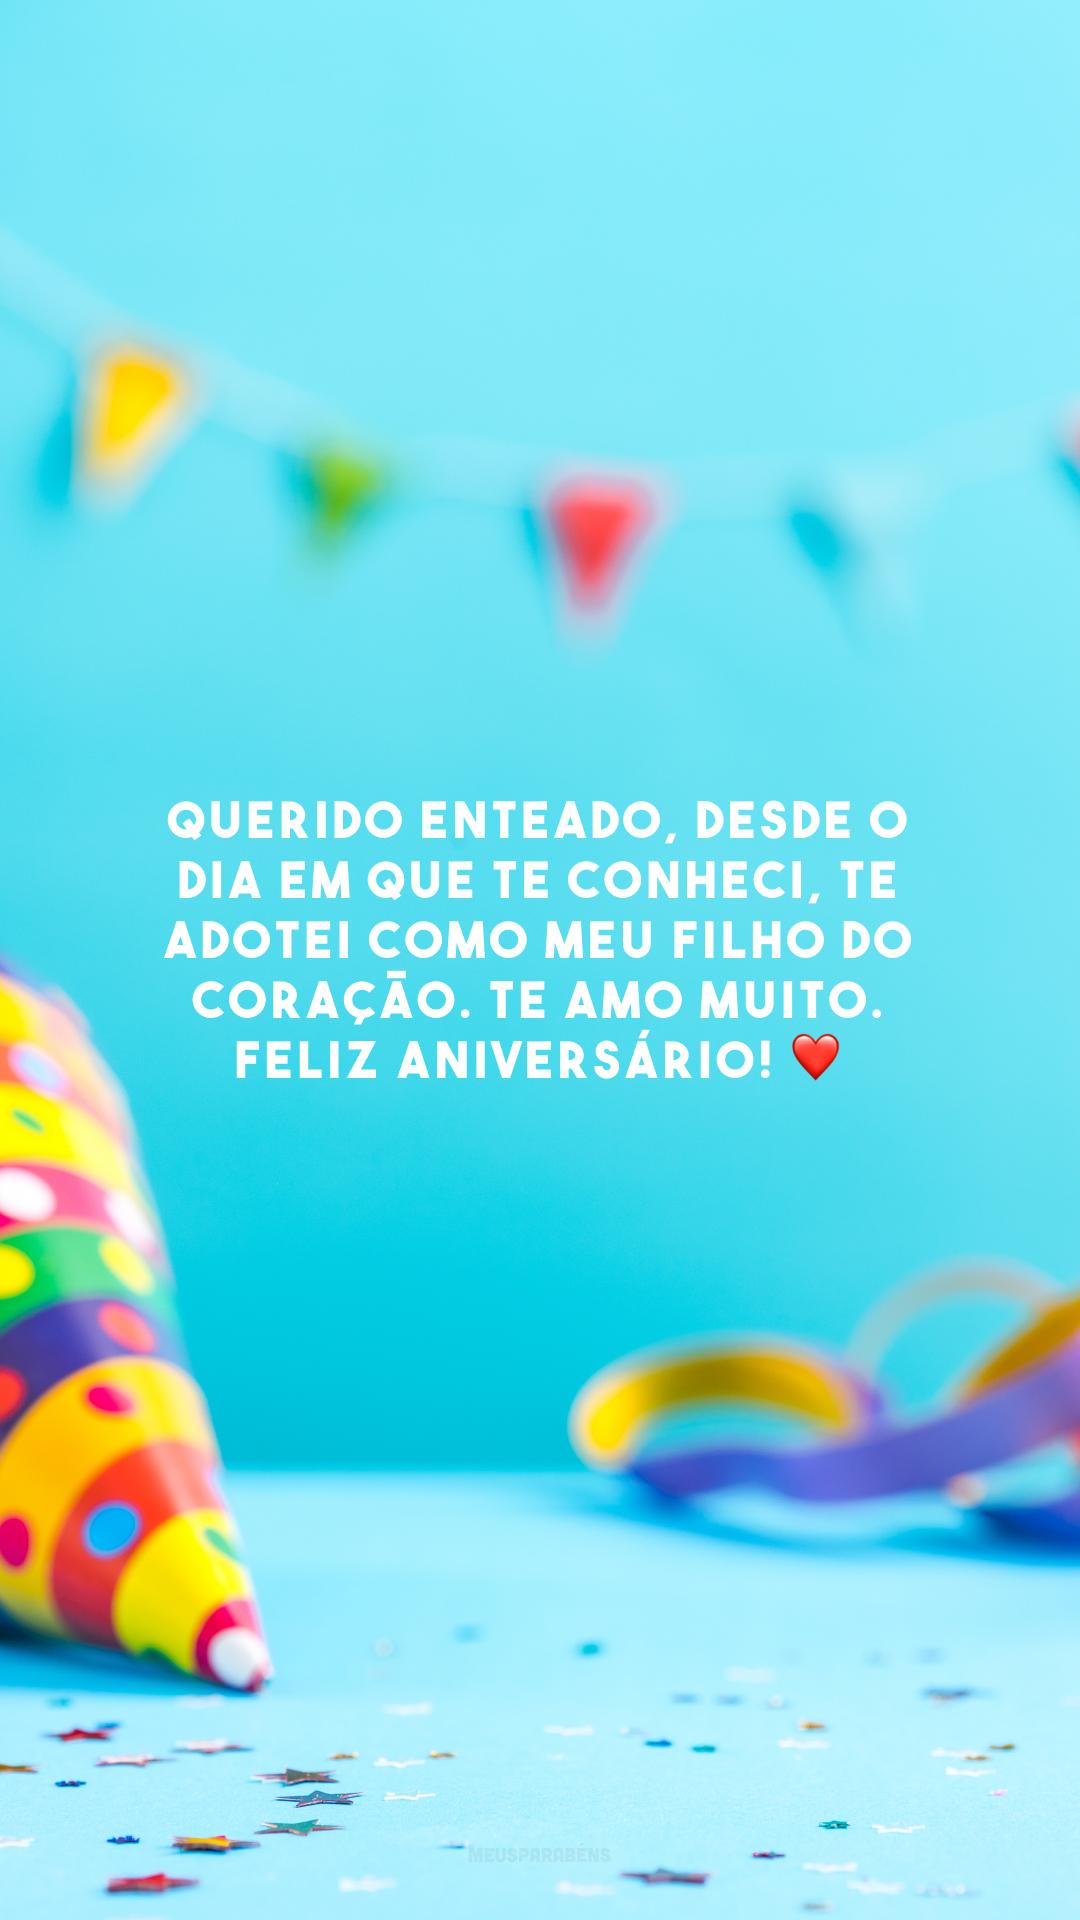 Querido enteado, desde o dia em que te conheci, te adotei como meu filho do coração. Te amo muito. Feliz aniversário! ❤️